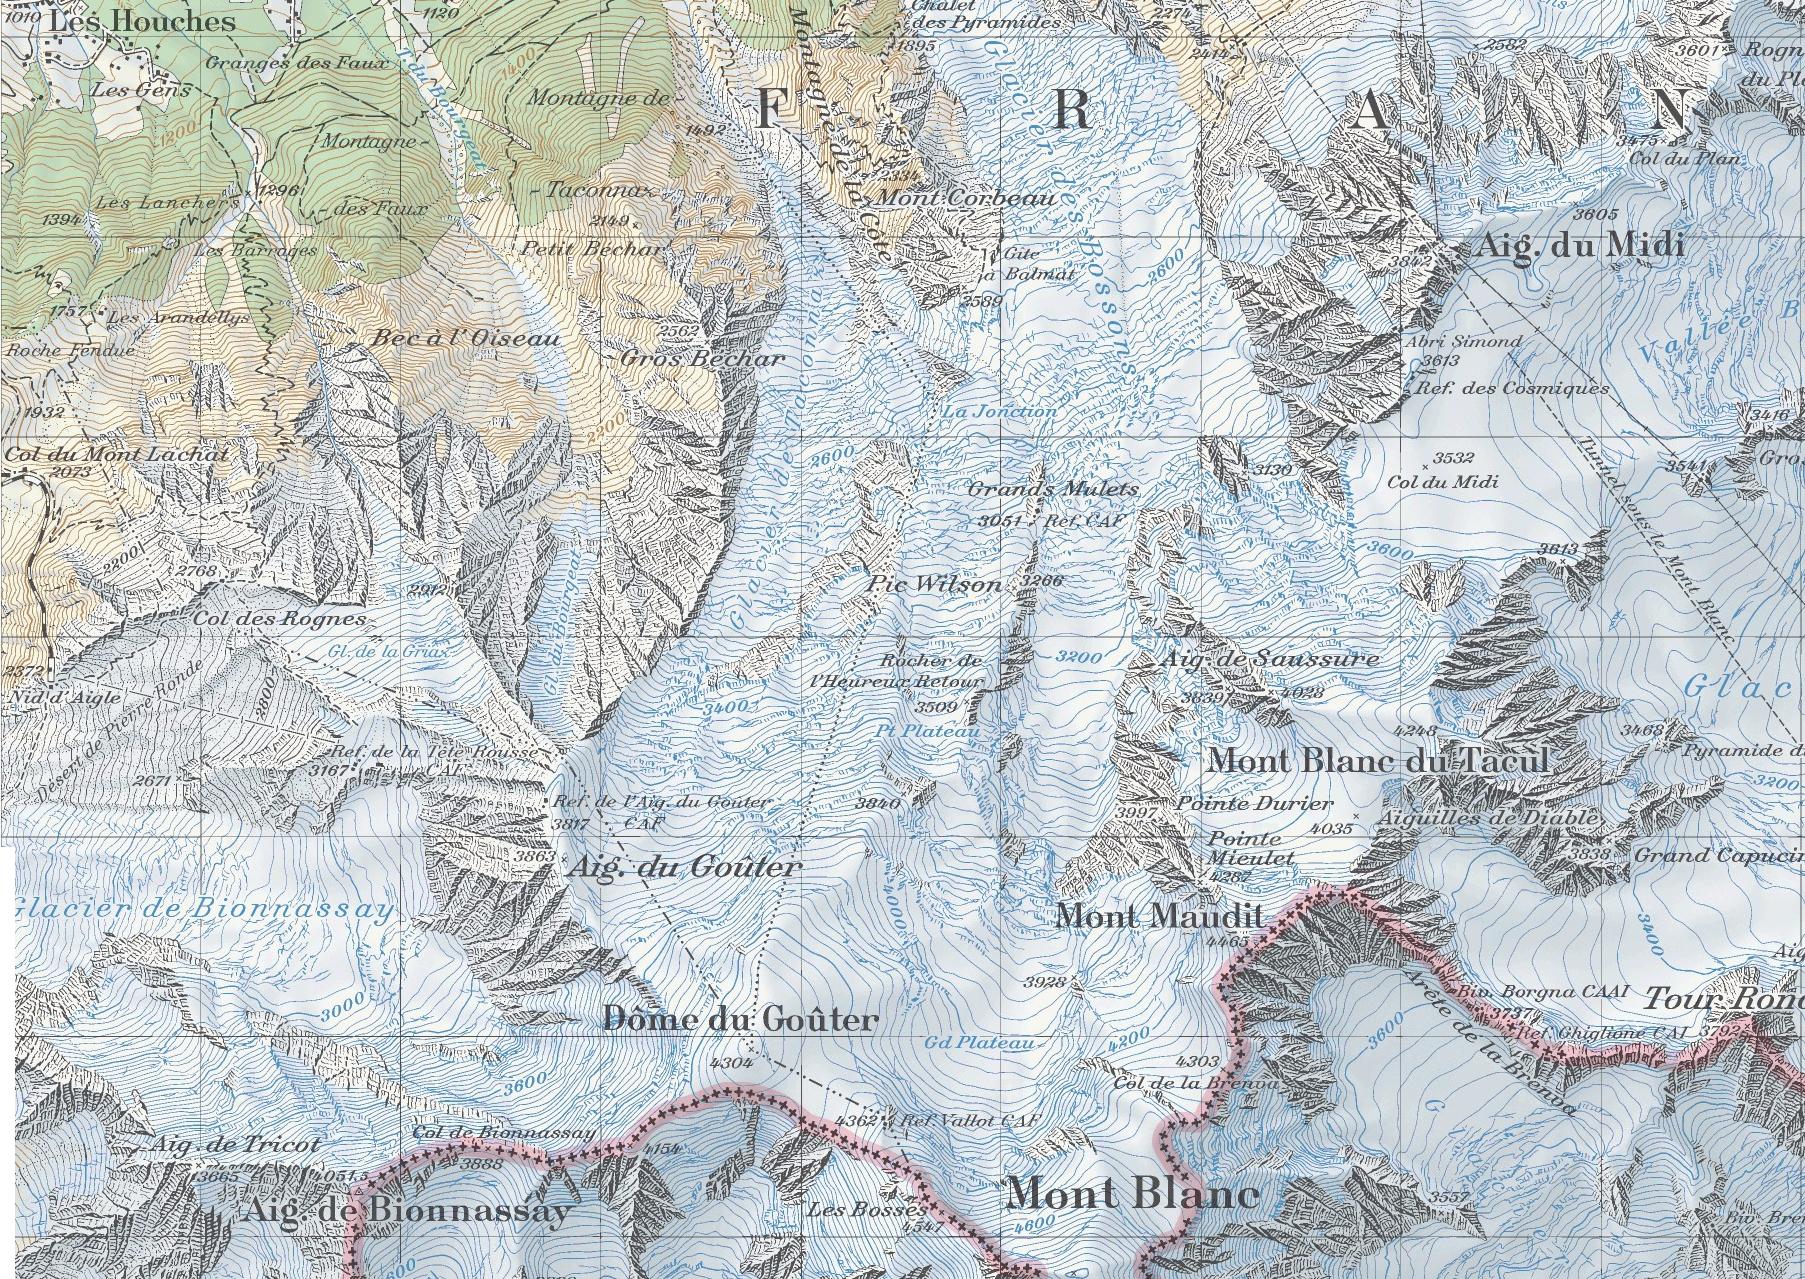 Монблан Aiguille du Midi, Tête Rousse карта скачать